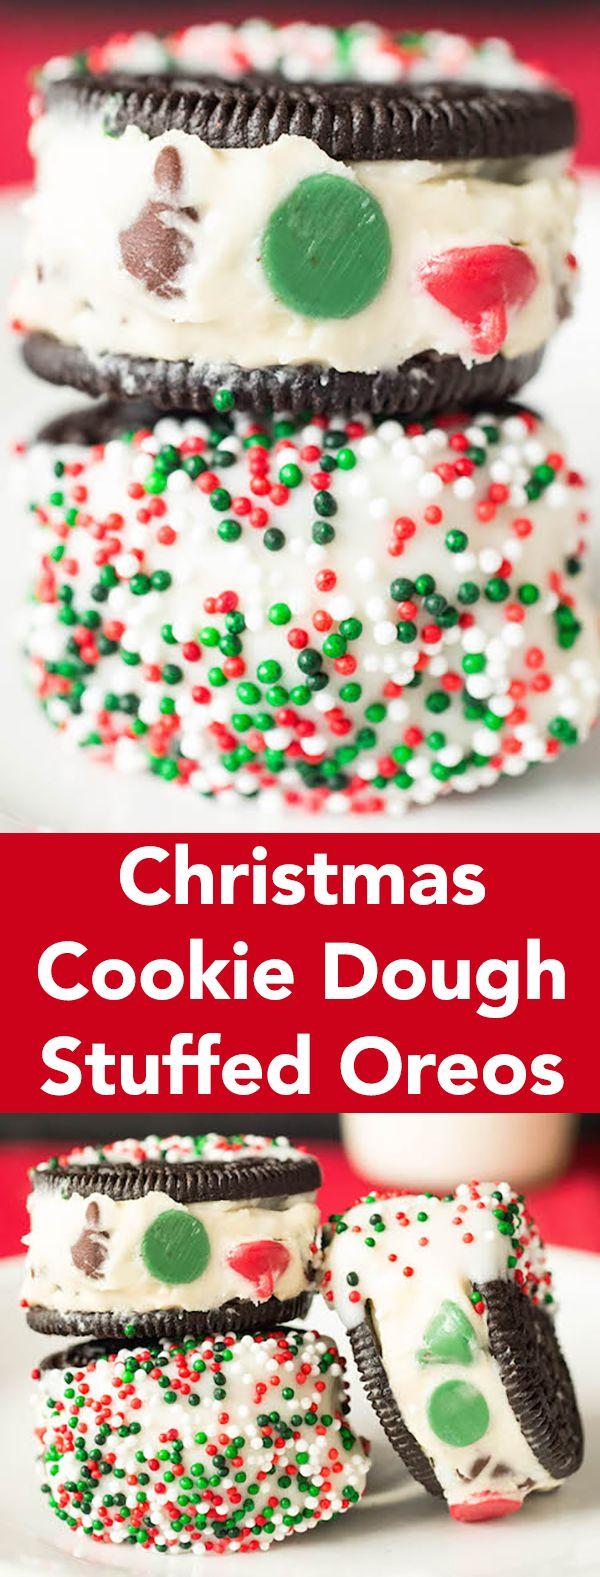 Christmas Cookie Dough Stuffed Oreos Recipe - Christmas Dessert Recipes